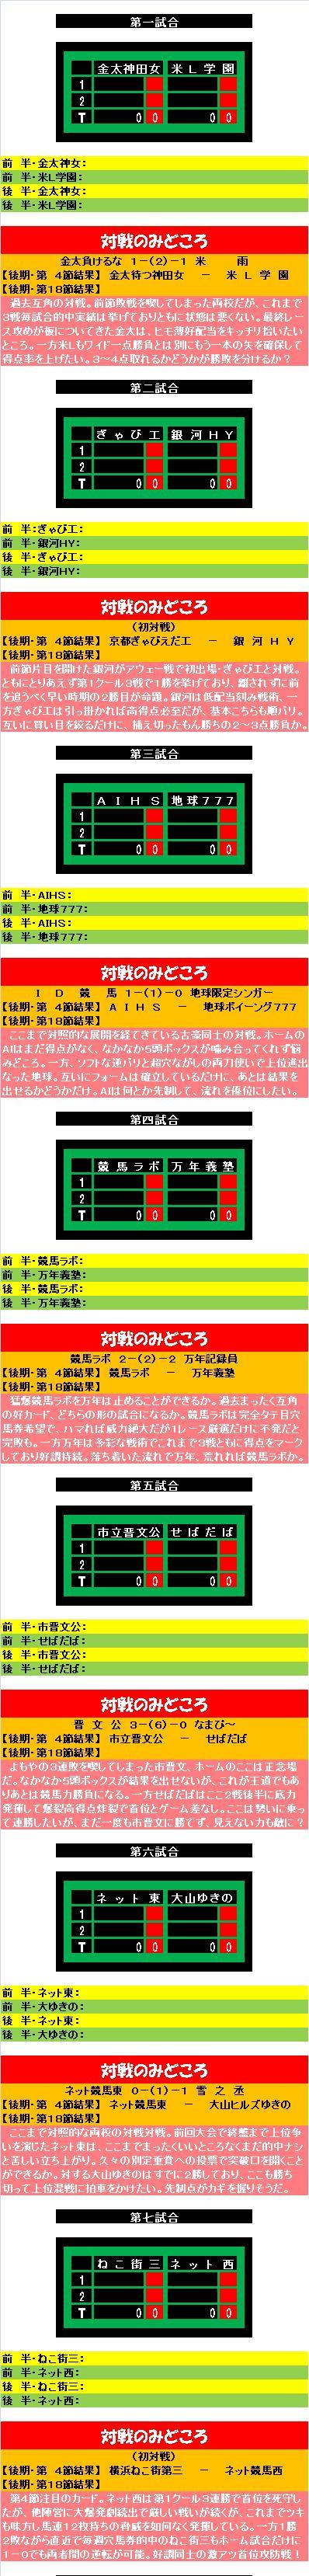 20150806・ダルマンリーグ第4節試合前見どころスコア⑧.jpg